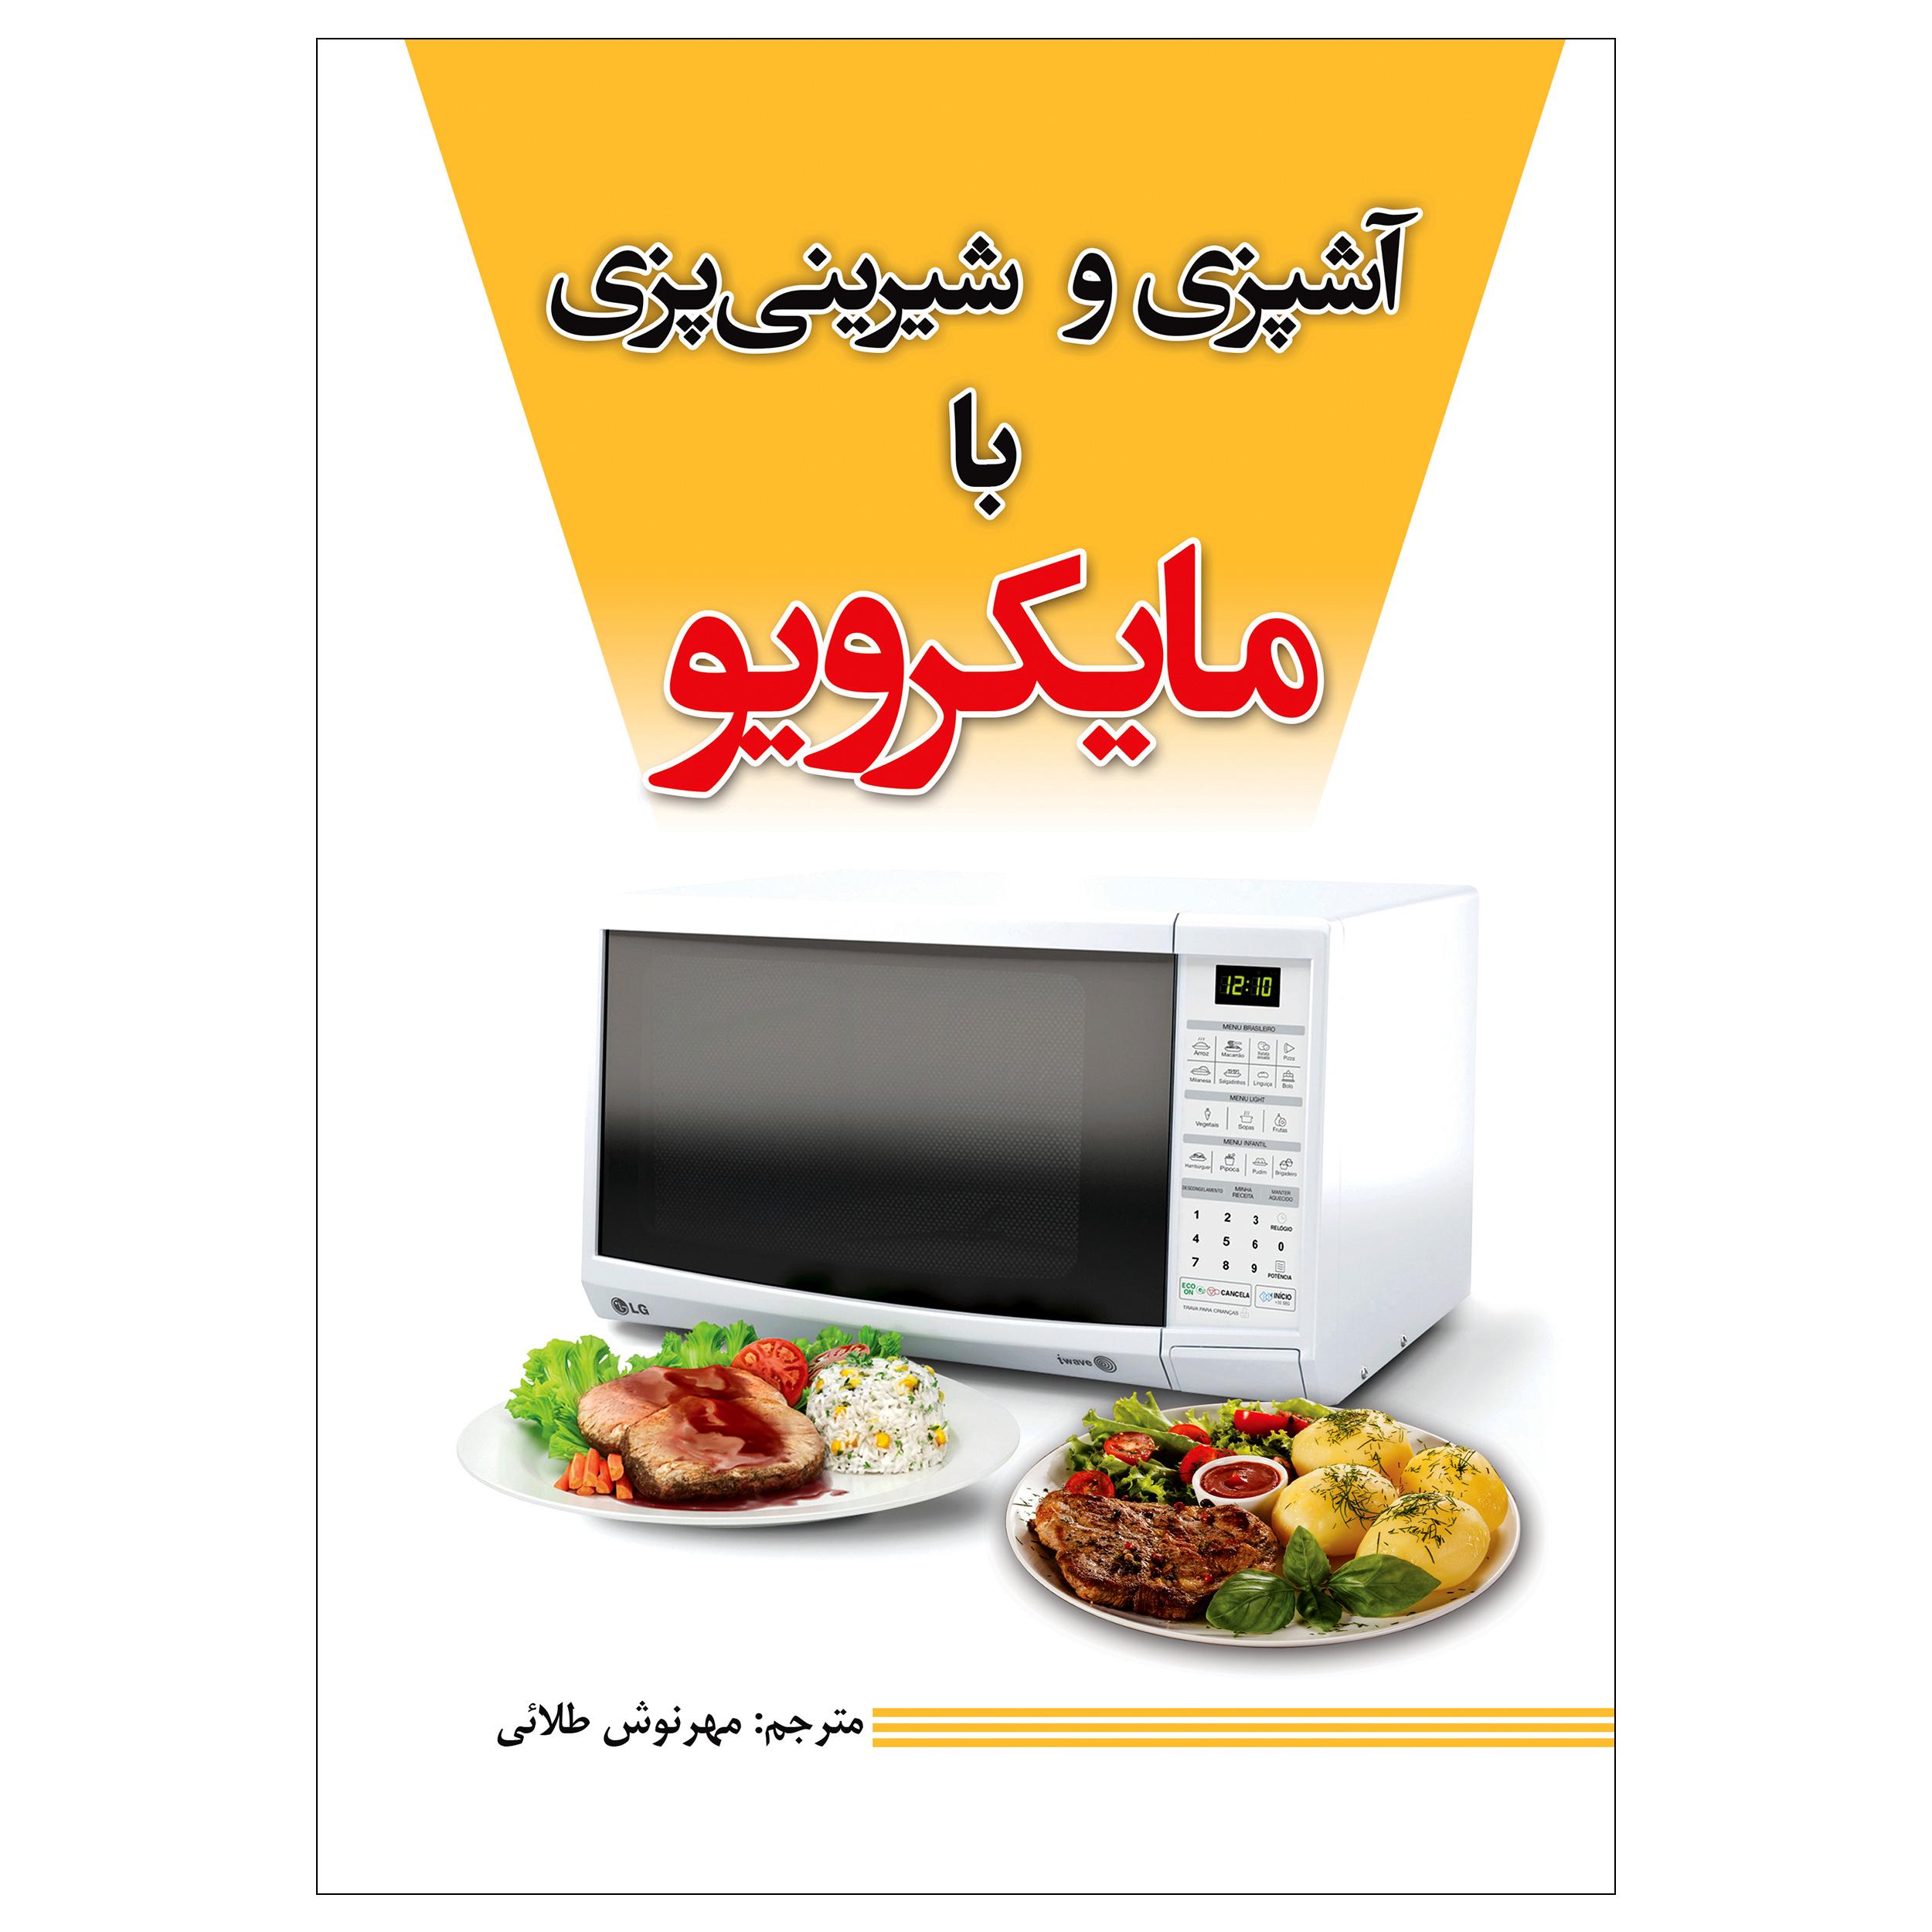 کتاب آشپزی و شیرینی پزی با مایکرویو اثر مهرنوش طلائی انتشارات پل